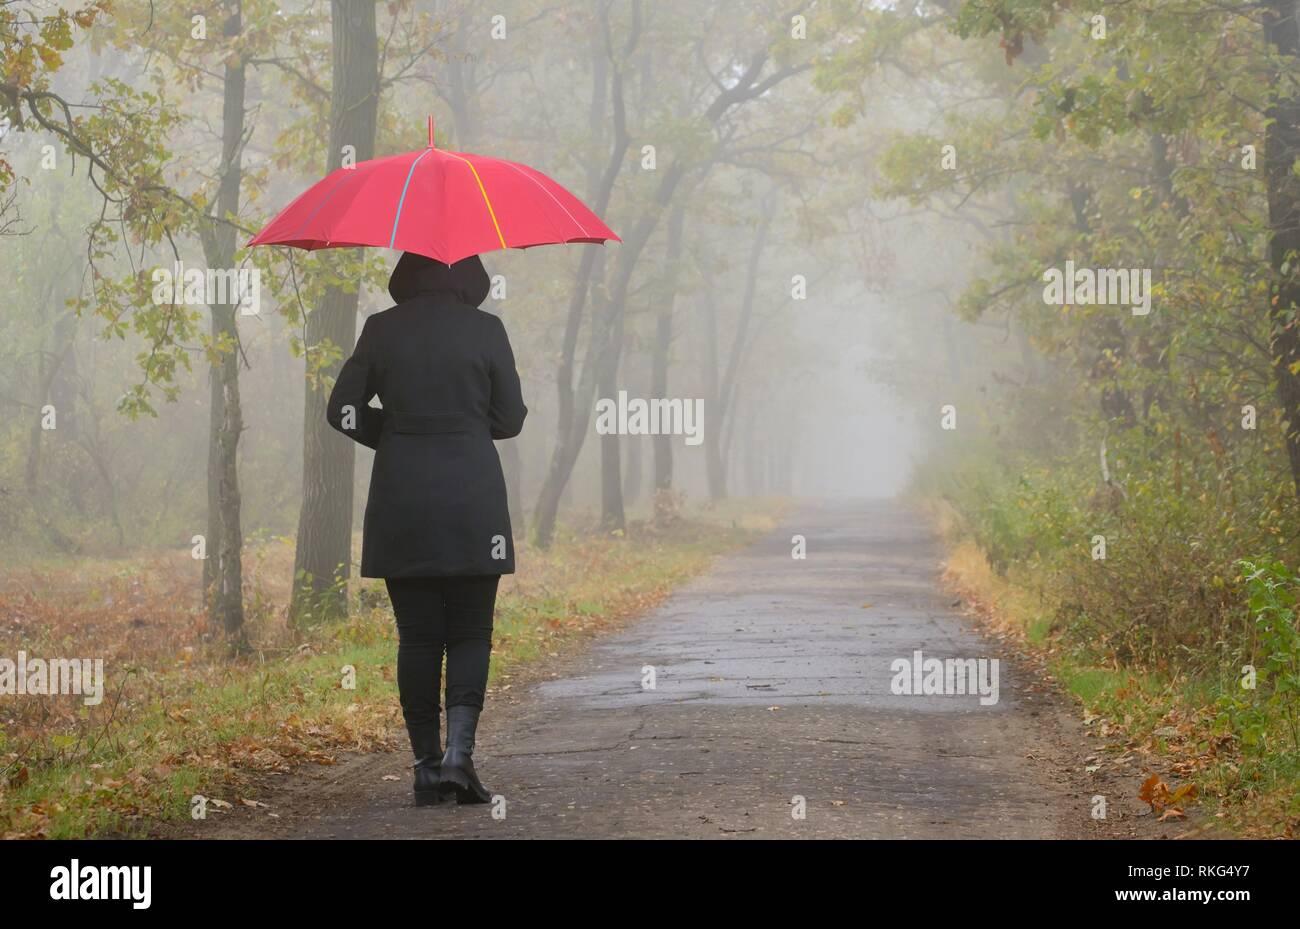 Premuto donna con ombrello rosso e nebbiosa foresta. Immagini Stock